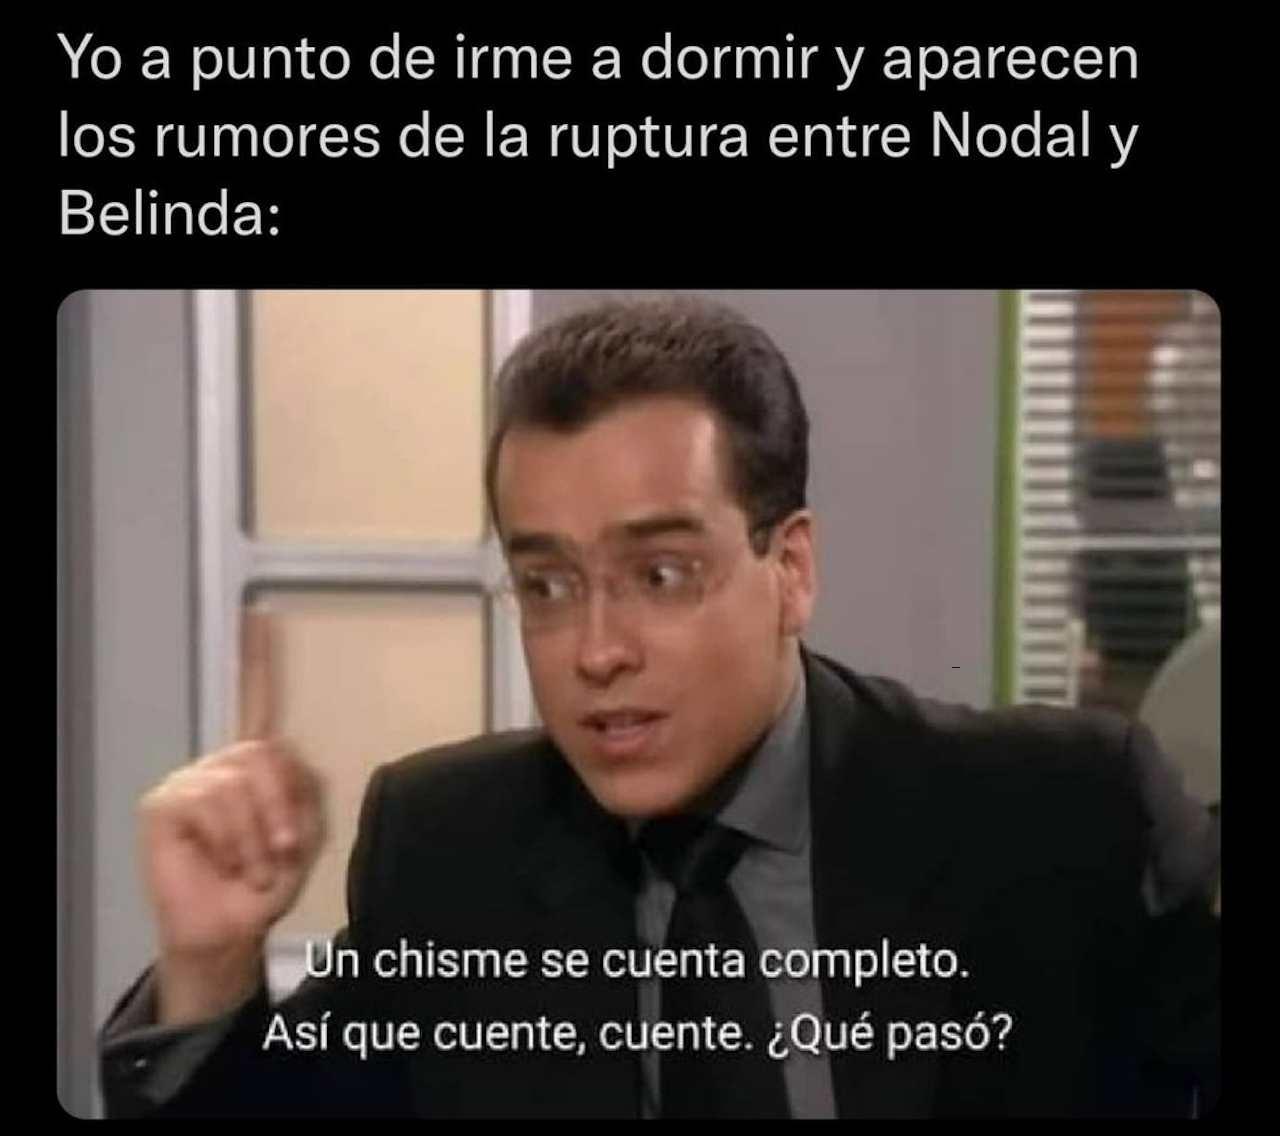 Meme de Belinda y Nodal terminaron con Don Armando